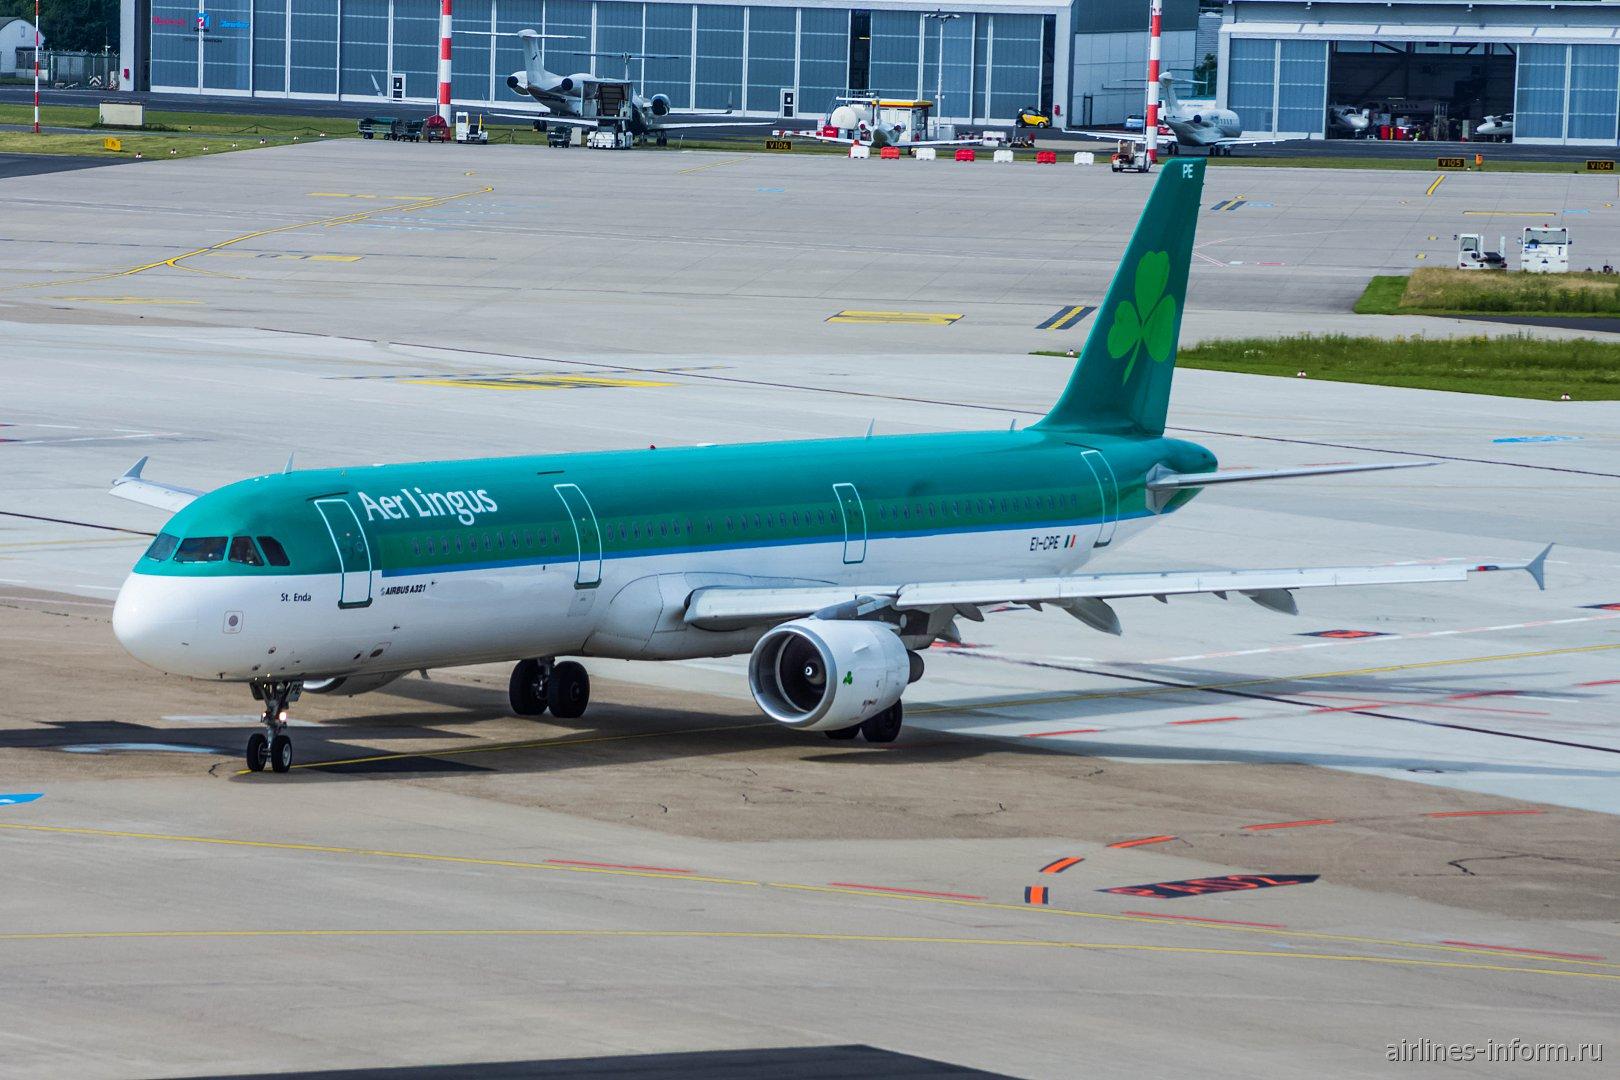 Airbus A321 авиакомпании Aer Lingus в аэропорту Дюссельдорфа